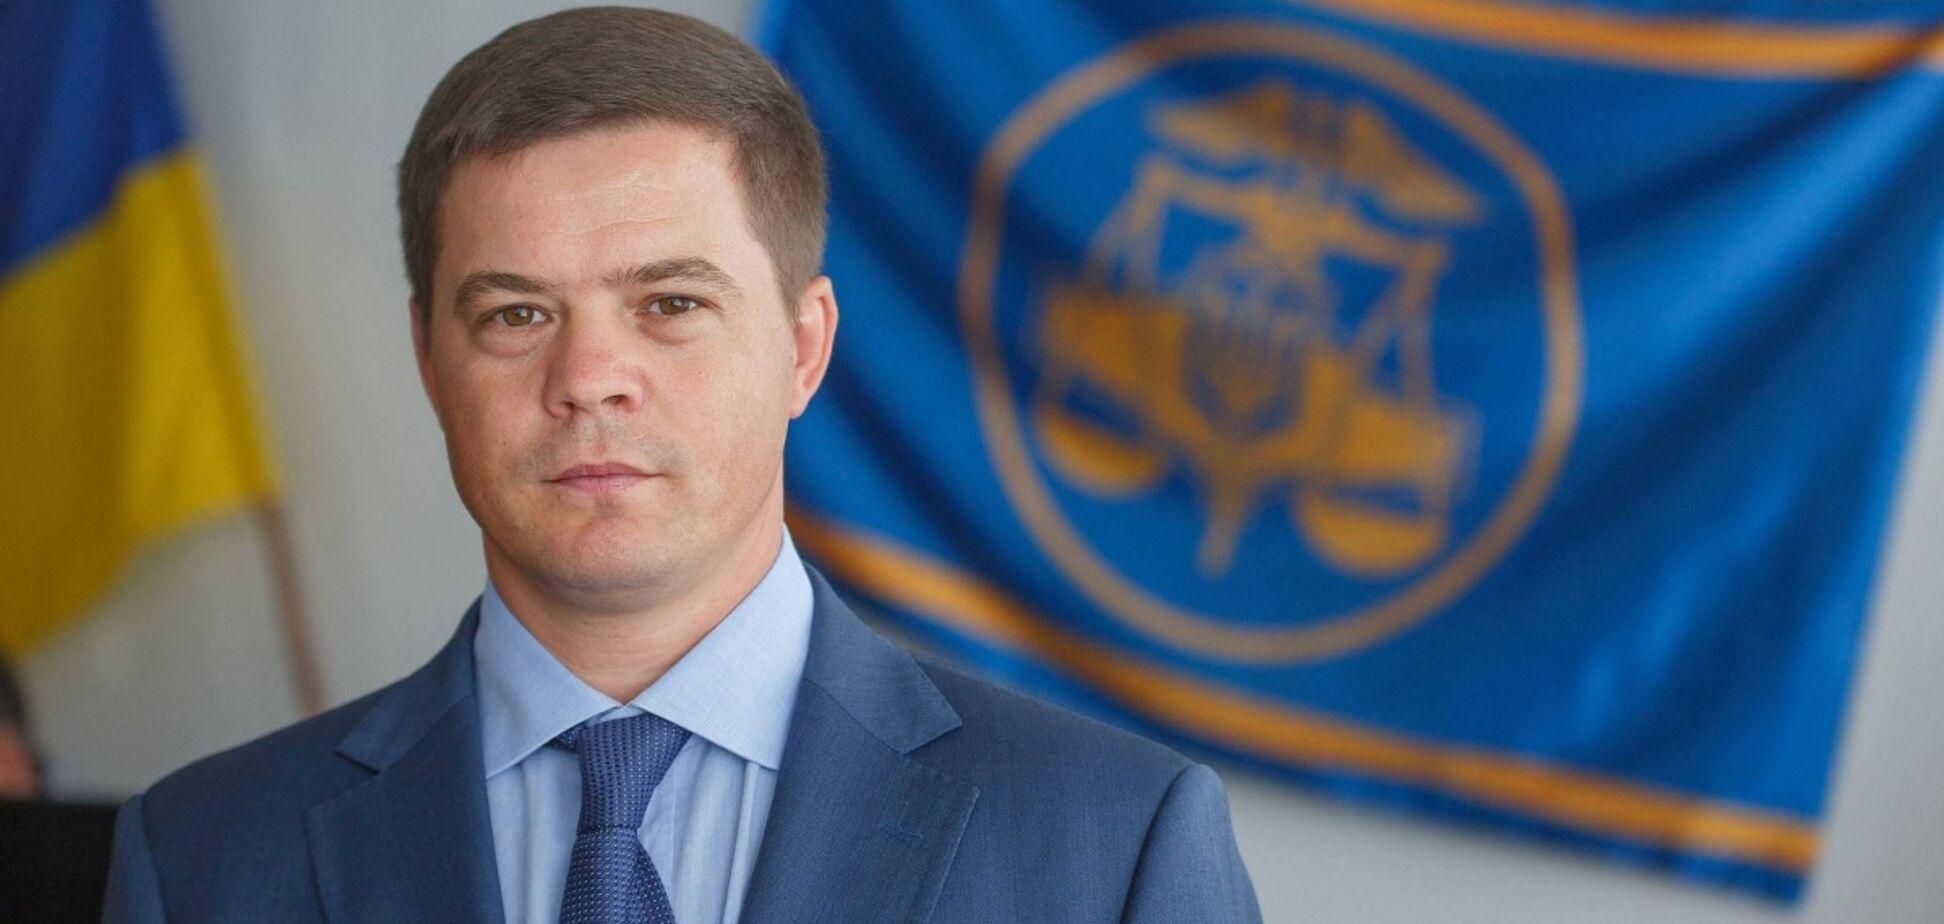 Сергей Тупальский обратился в ГБР из-за фальсификаций доказательств